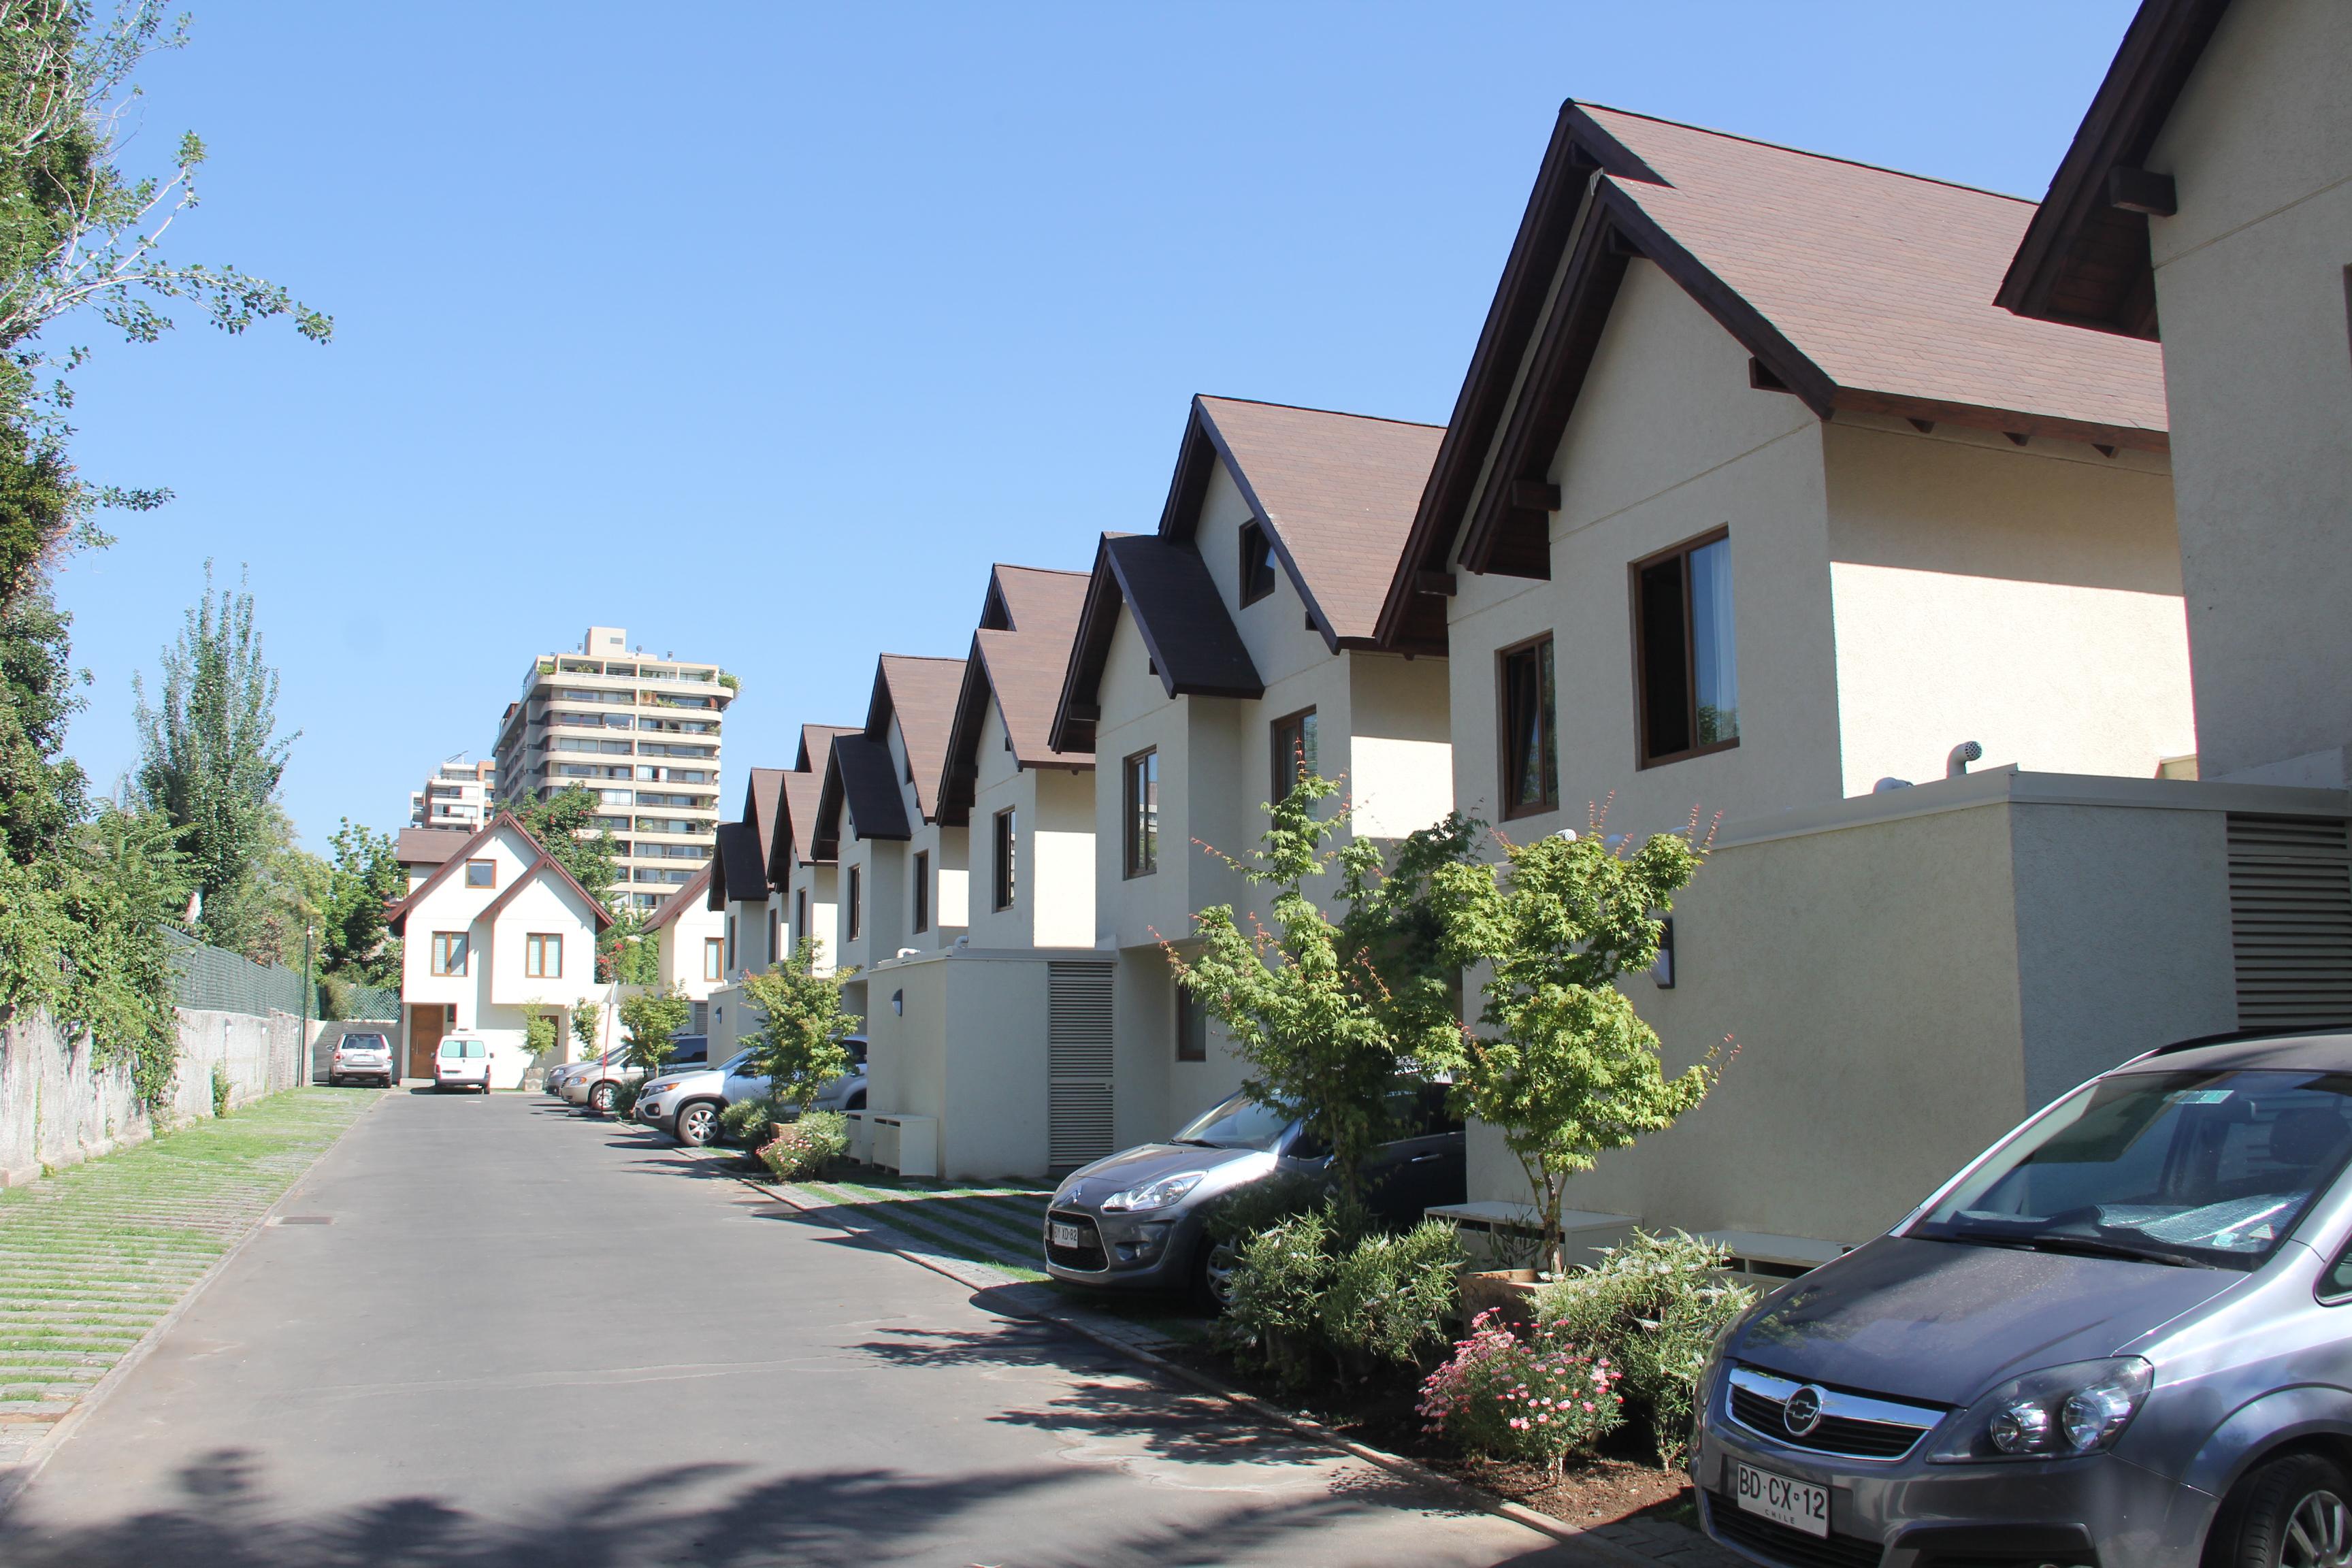 Ley de copropiedad preguntas frecuentes administracion - Piano casa in condominio ...